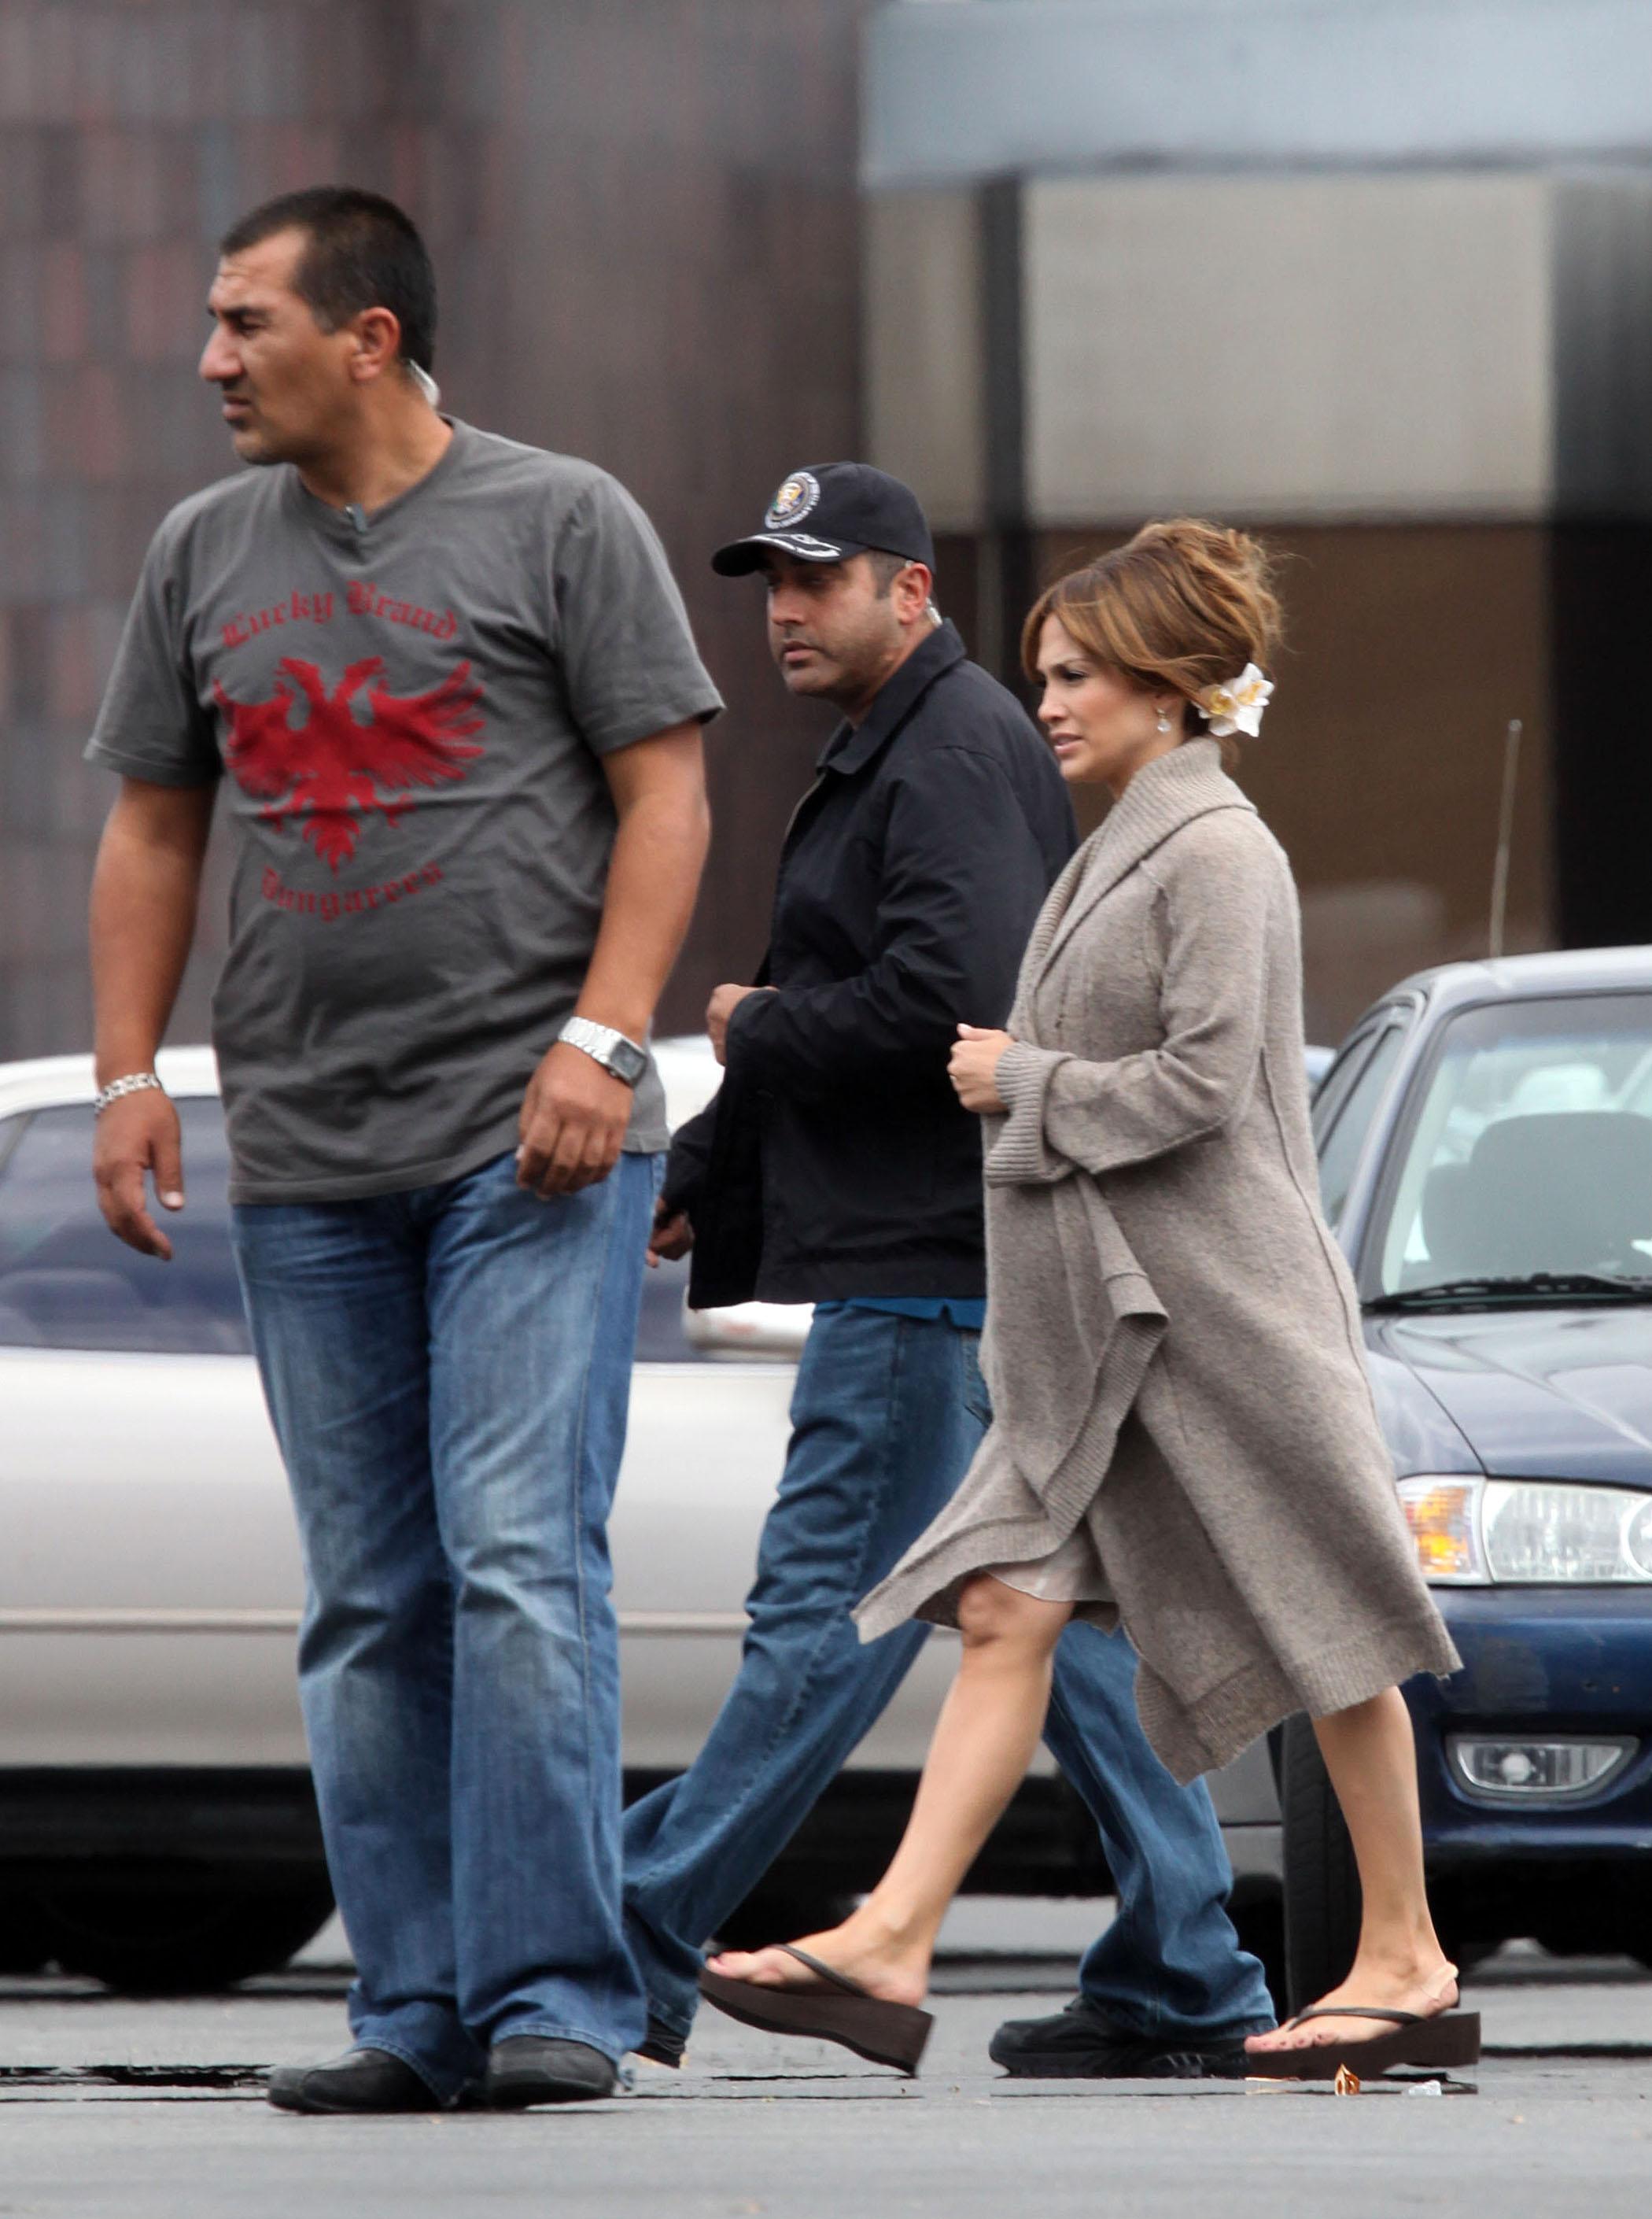 40525_Preppie_-_Jennifer_Lopez_on_The_Back-Up_Plan_set_in_Los_Angeles_-_June_15_2009_019_122_142lo.jpg